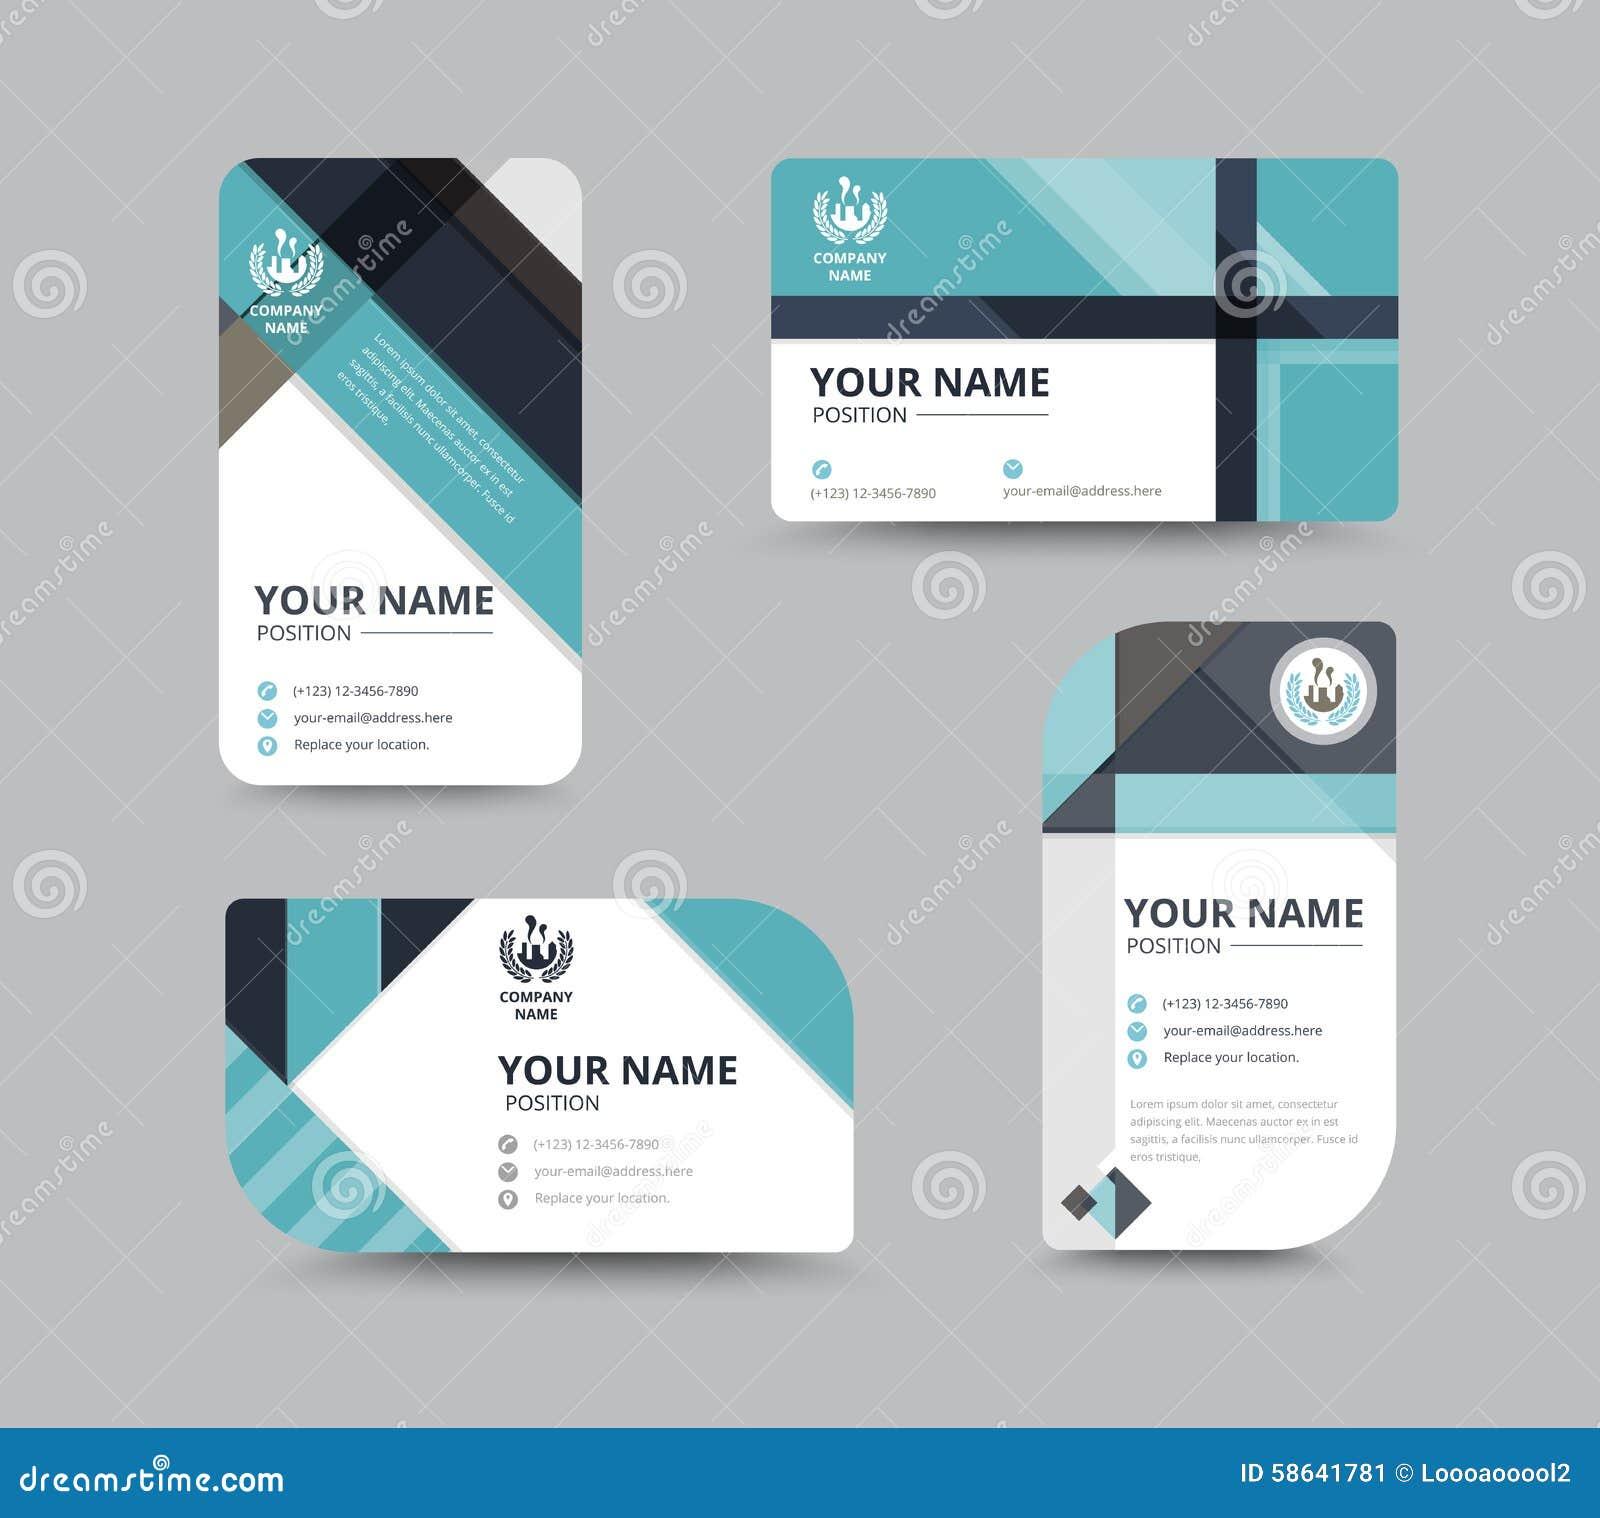 Dise o de tarjeta de presentaci n del negocio para la - Disenos para tarjetas ...